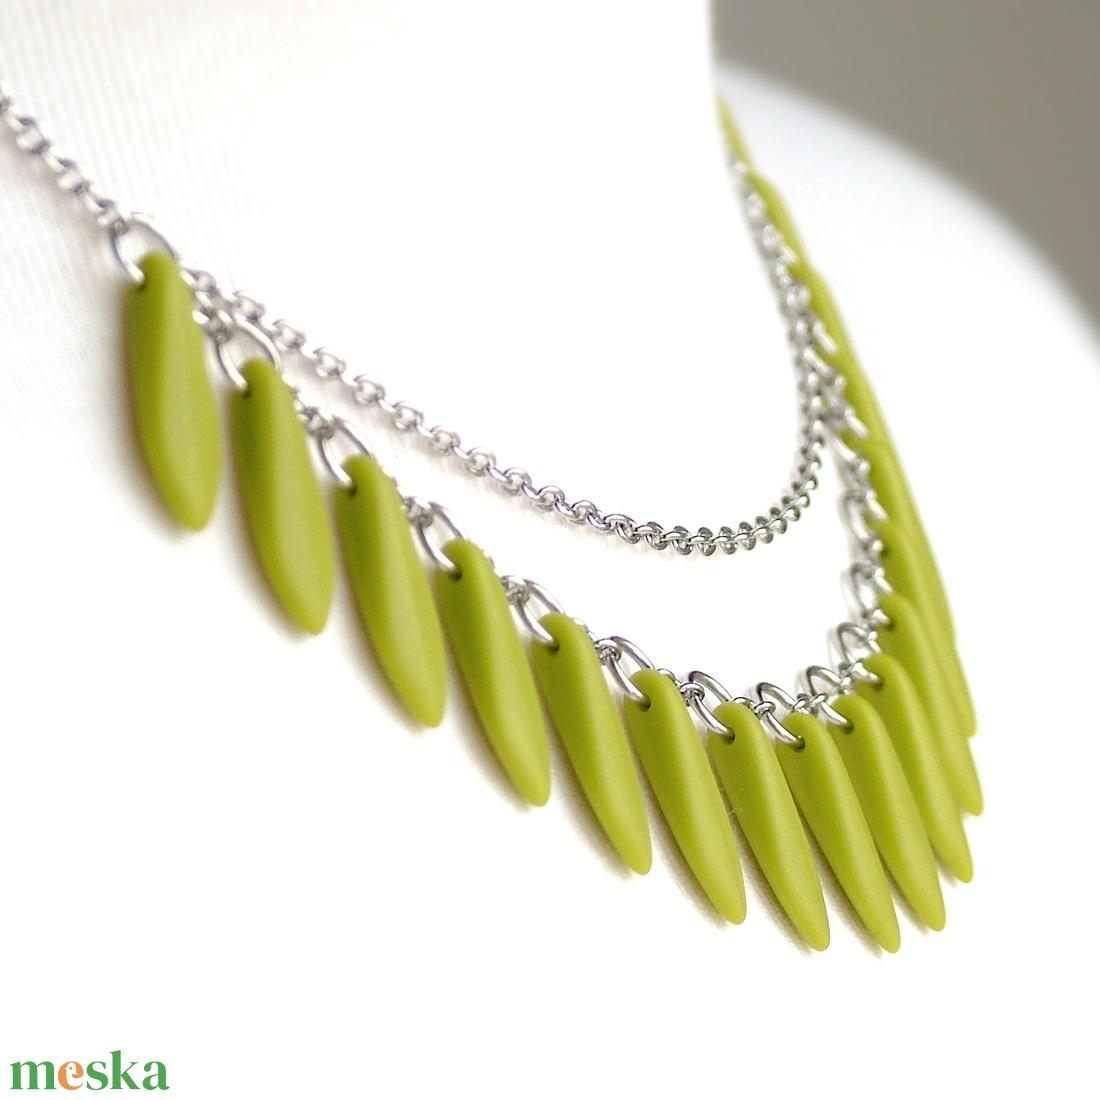 Zöld nyaklánc / Gyöngyös nemesacél nyaklánc / Színes üvegékszer, gyöngyékszer, zöld ékszer / Ajándék nőknek - ékszer - nyaklánc - gyöngyös nyaklác - Meska.hu